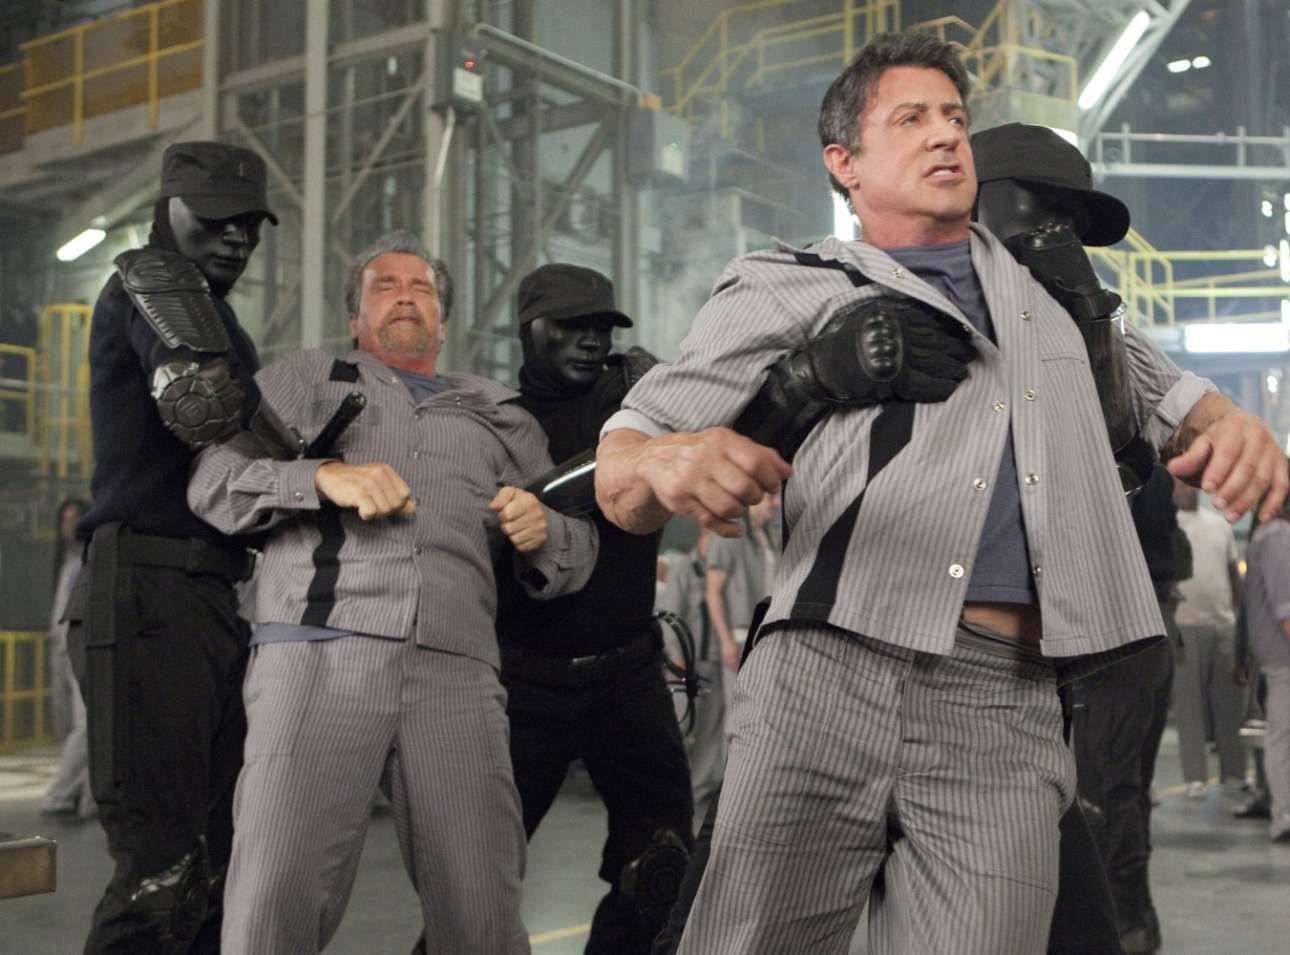 Πάλι με τον Σταλόνε σε μια ακόμα μέτρια ταινία δράσης. Το «Escape Plan» το 2013